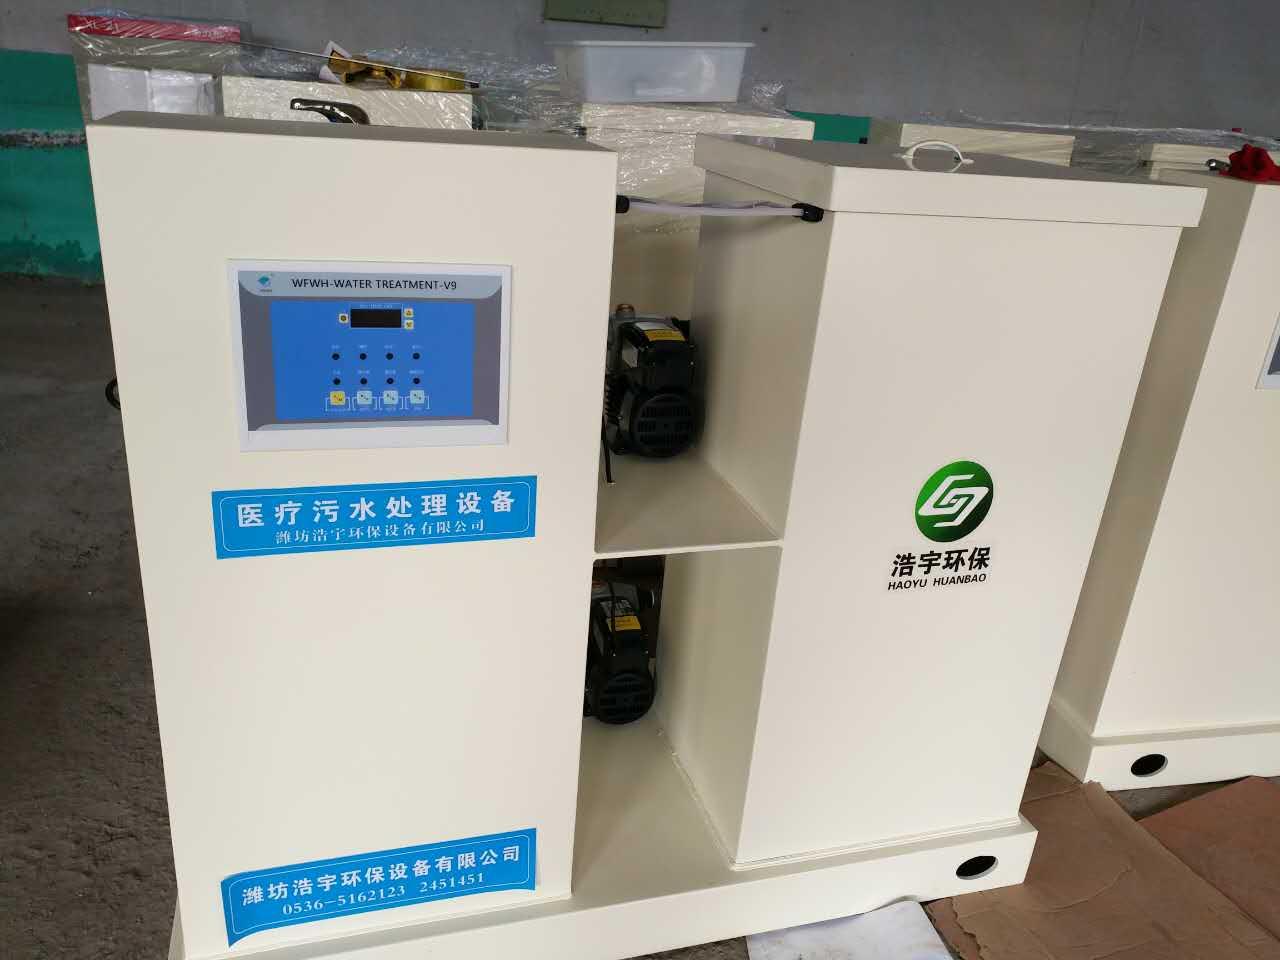 专用体检中心污水处理设备 <br> 全新  价格:18000 <br> <img src=http://k.kqzp.cn/img/up/img/5de08c9ae0649.jpg width=150 >